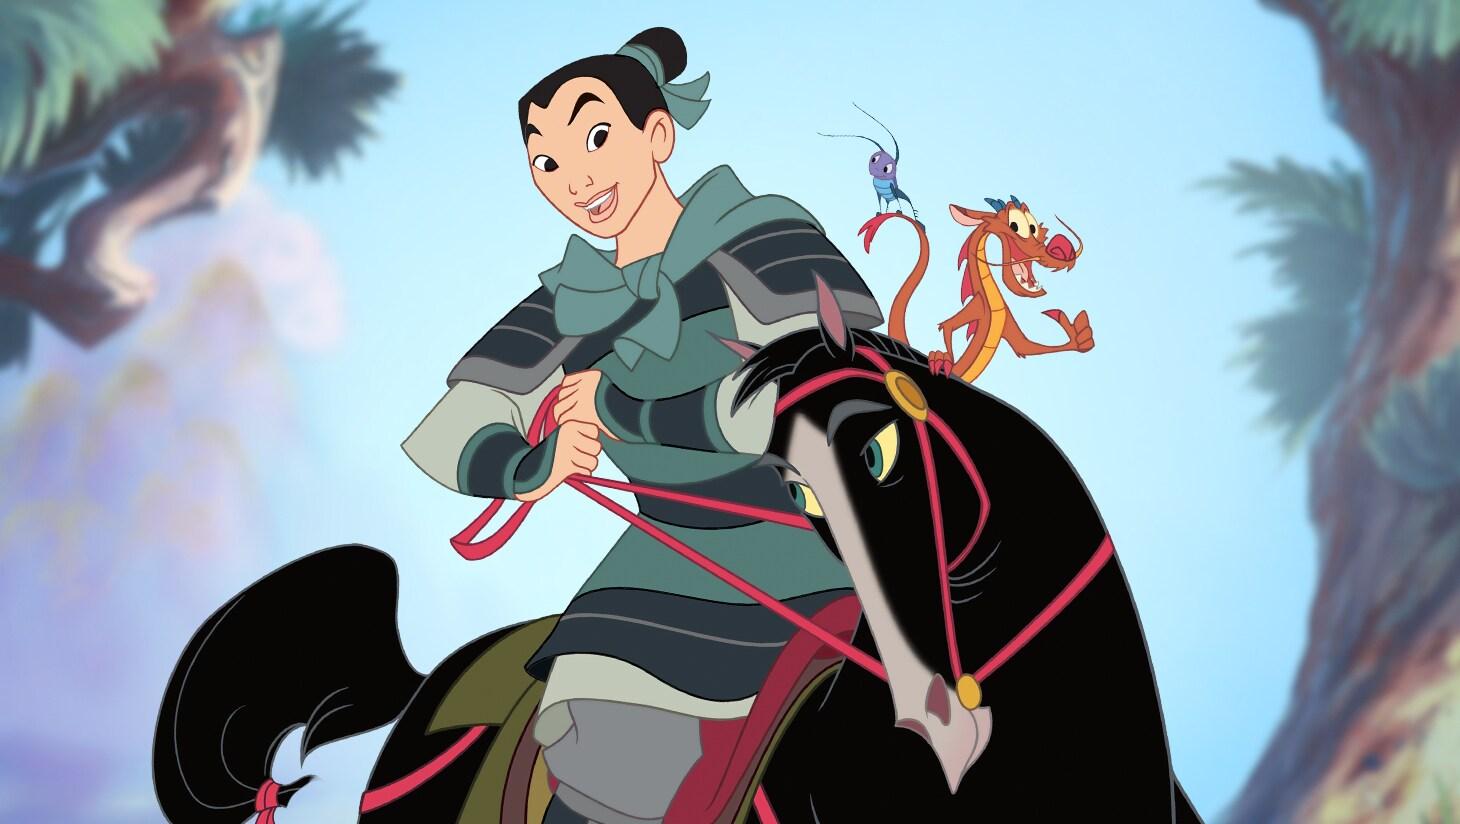 Mulan, Mushu, Cri-Kee and Khan Khan